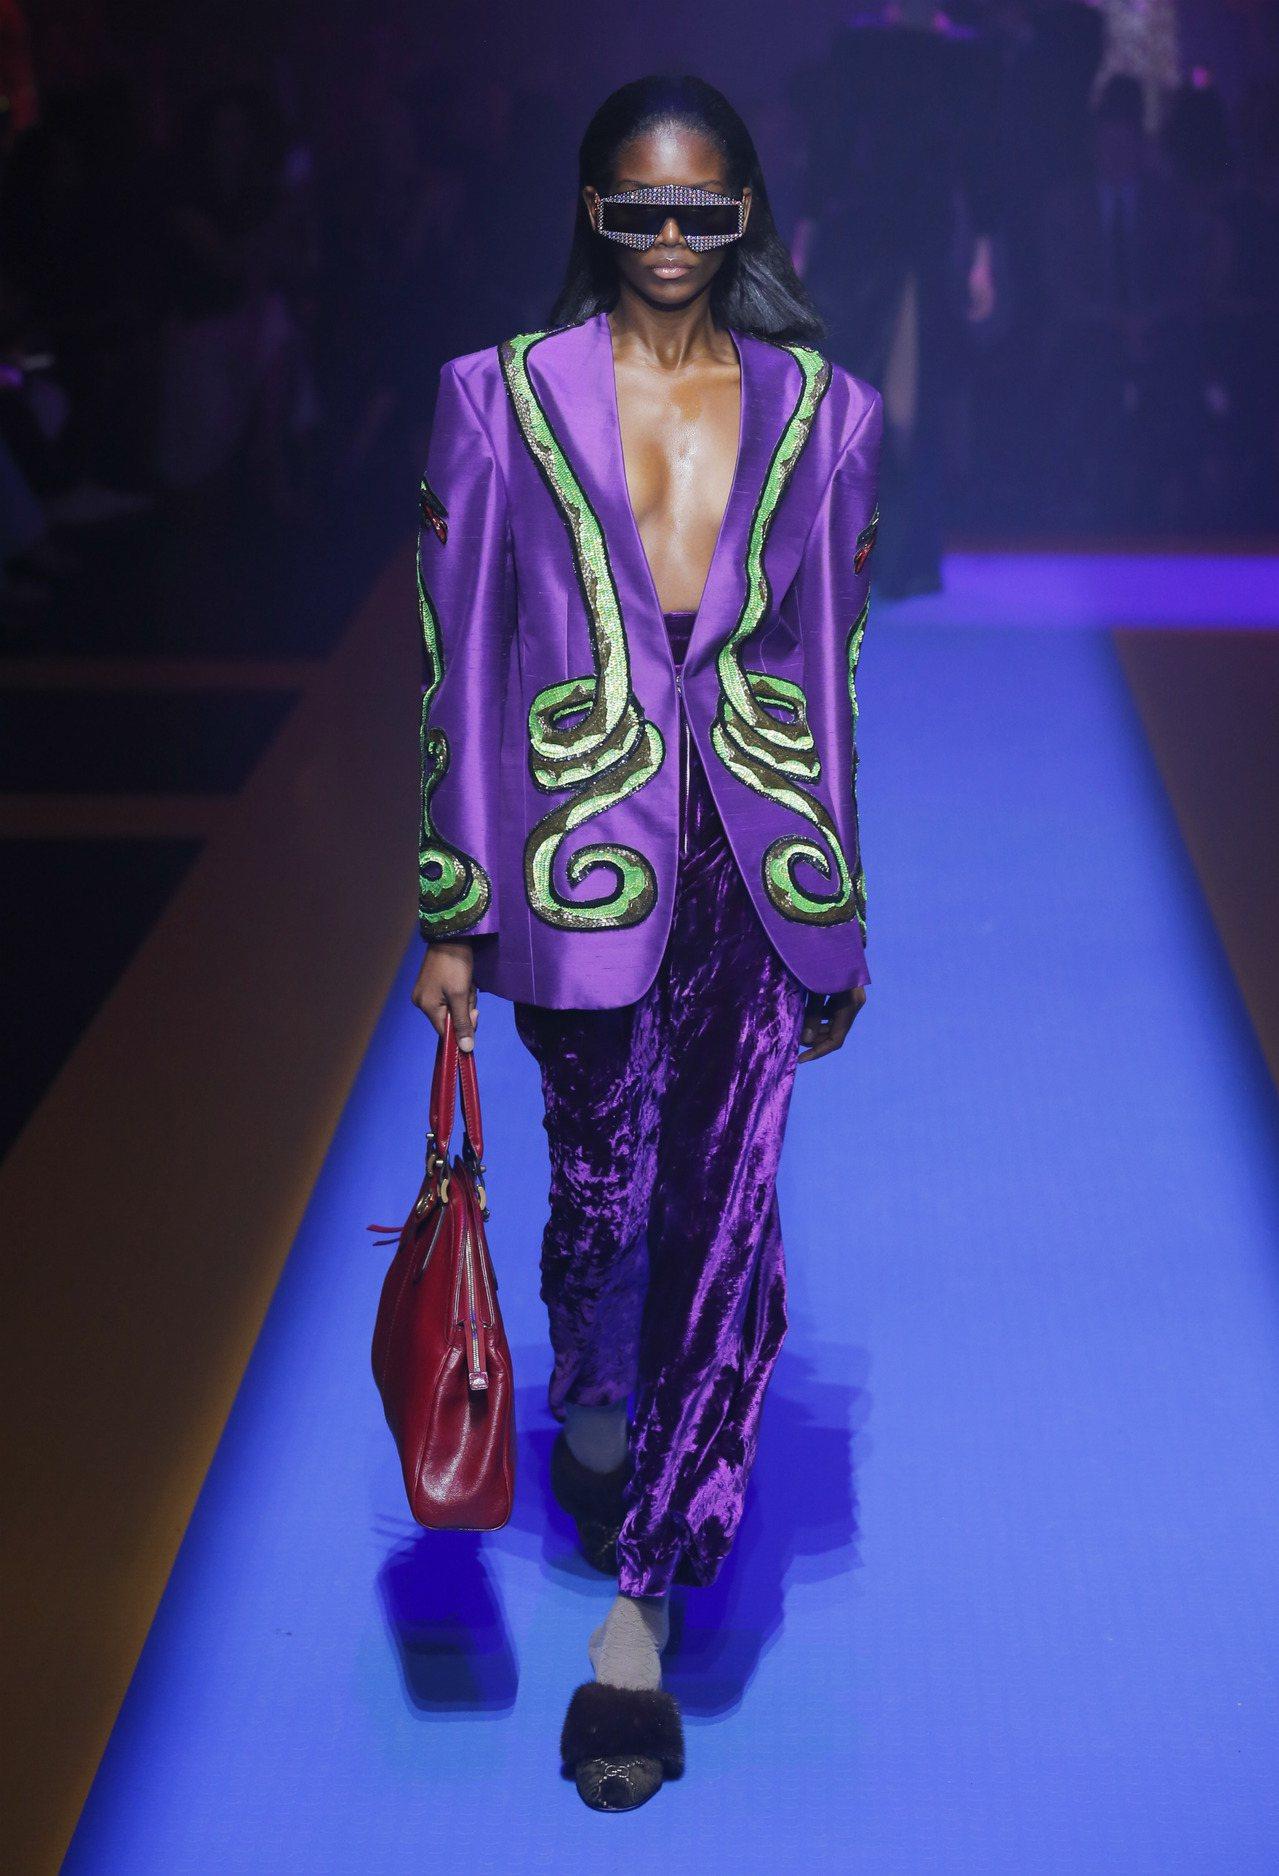 華麗搖滾風格造型運用深紫色西裝搭天鵝絨長褲穿出慵姿態。圖/Gucci提供